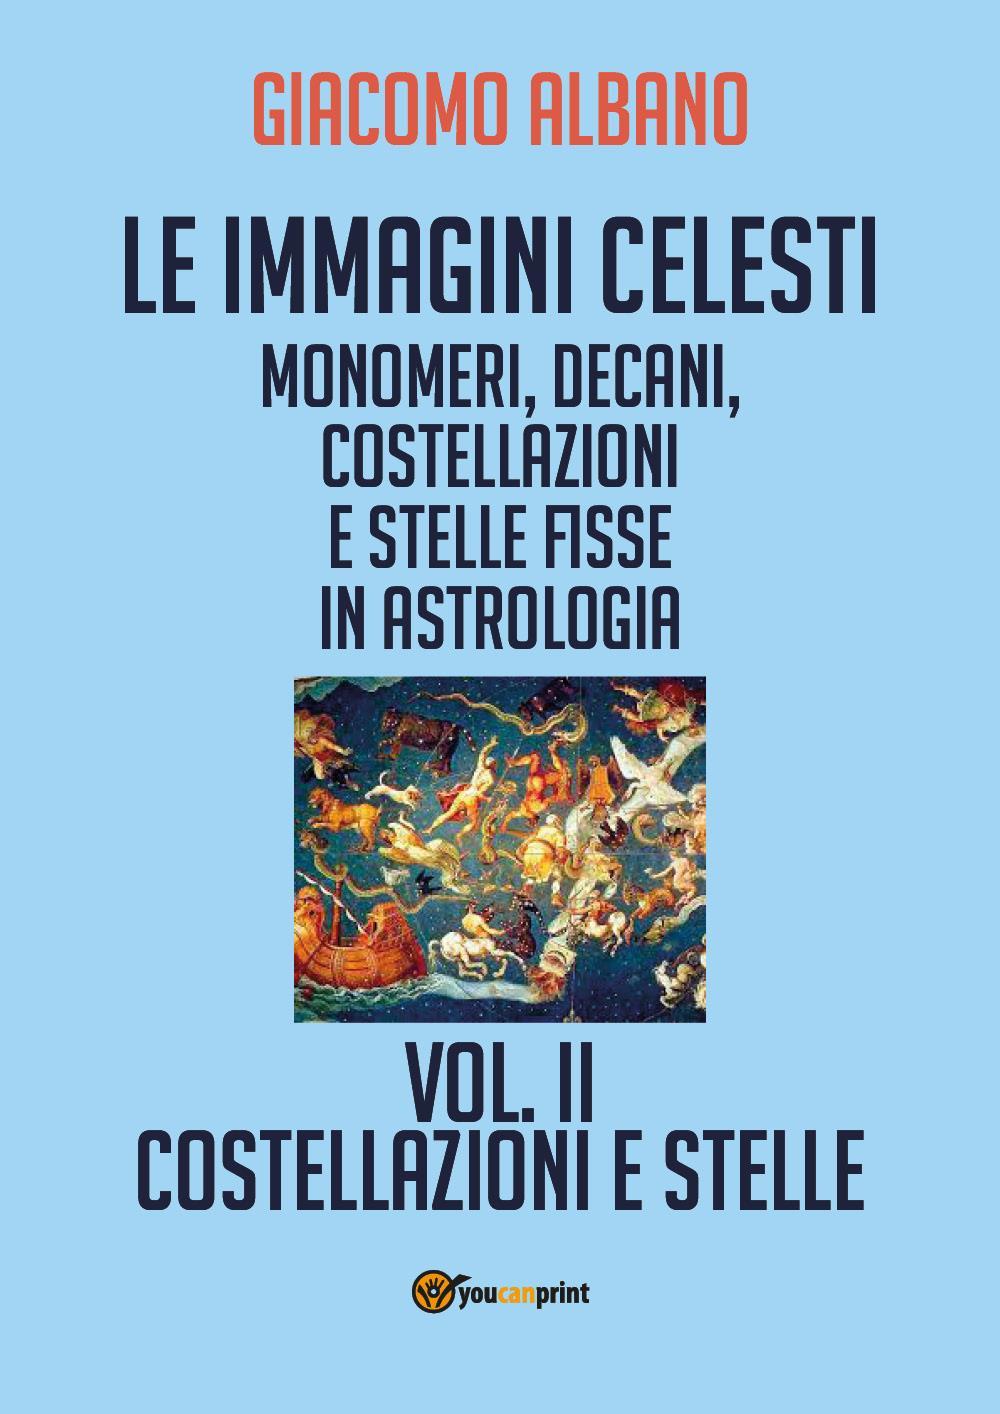 Le immagini celesti: monomeri, decani, costellazioni e stelle fisse in astrologia – Vol. II - Costellazioni e stelle